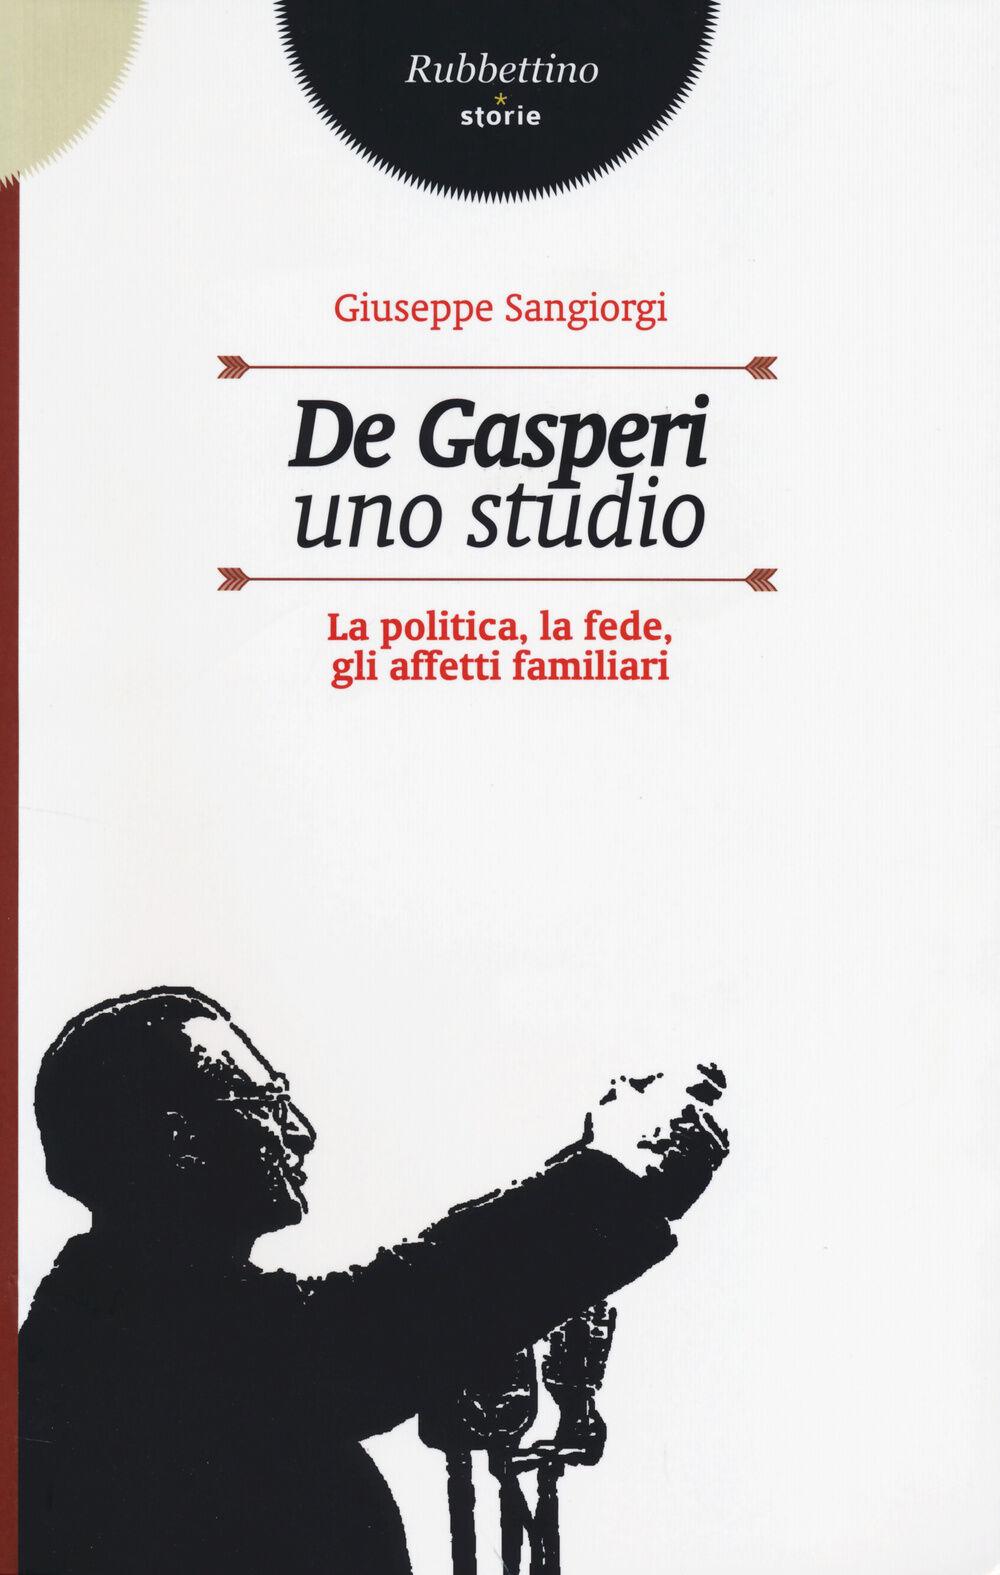 De Gasperi, uno studio. La politica, la fede, gli affetti familiari